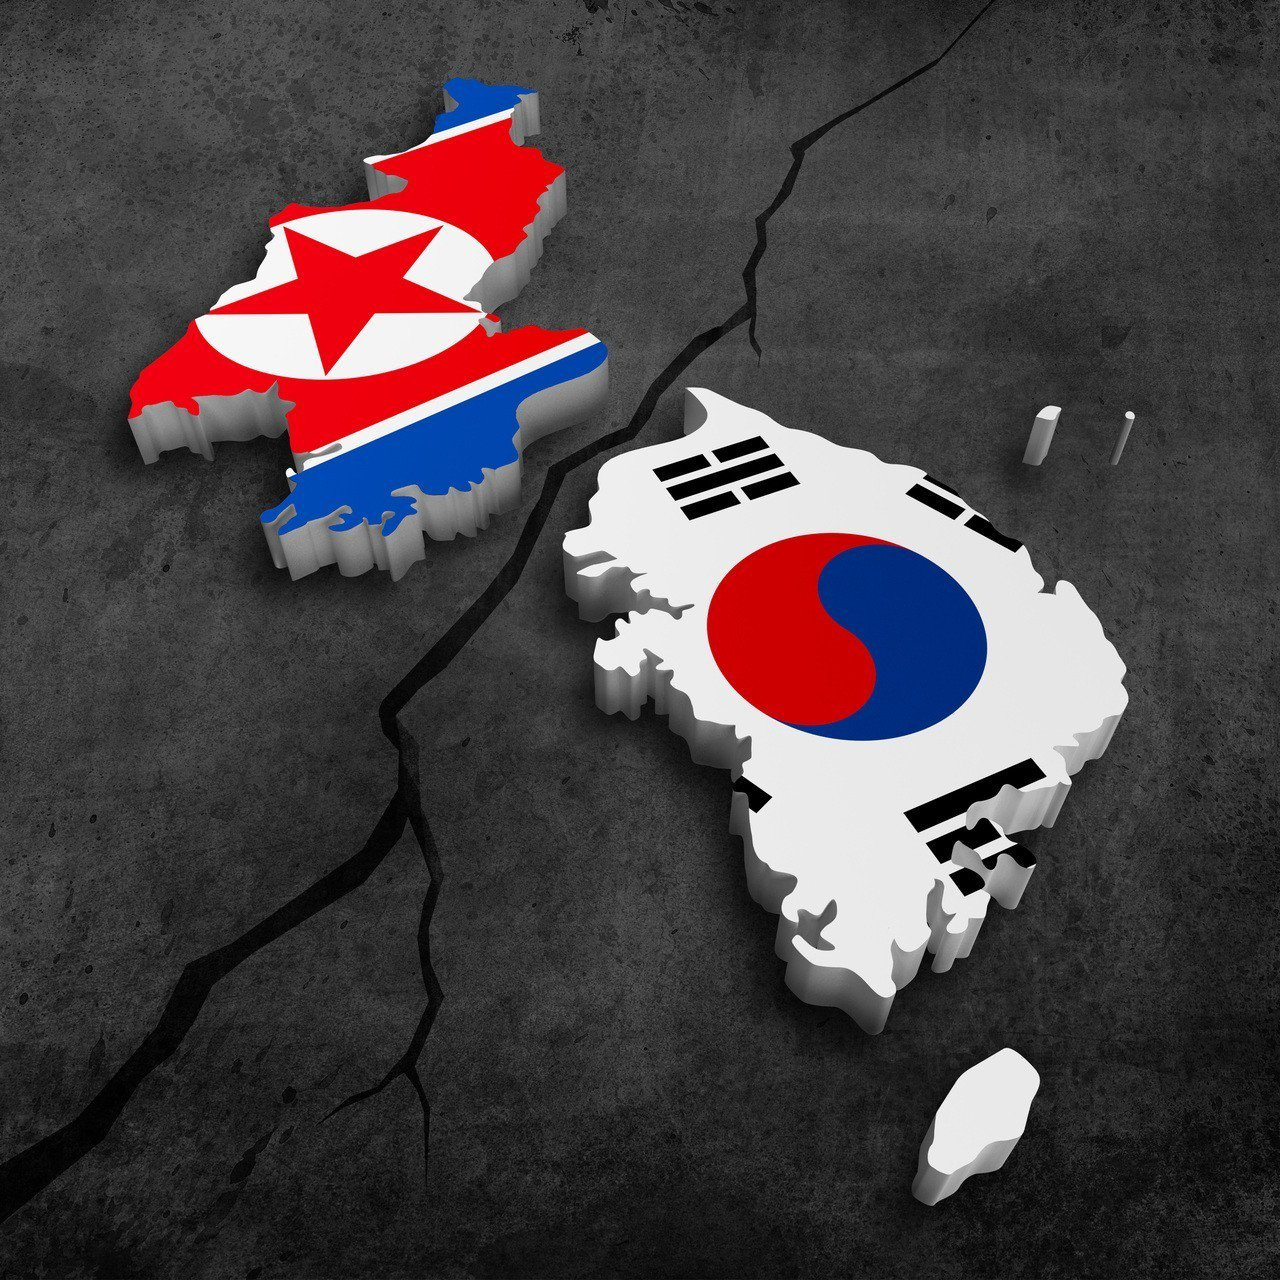 南韓預計向北韓提供價值800萬美元的人道援助。 Ingimage